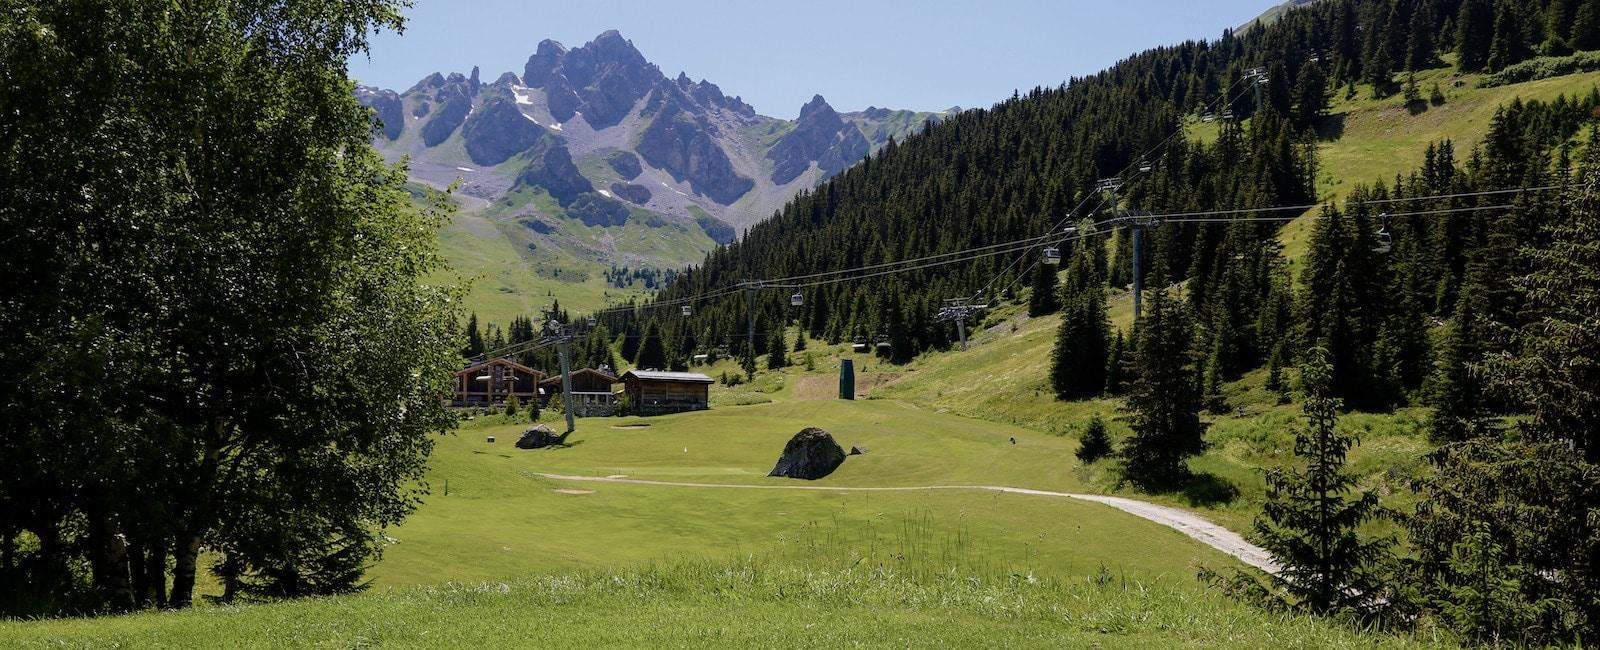 Golf Club de Courchevel | Le trou 2, un challenge à relever